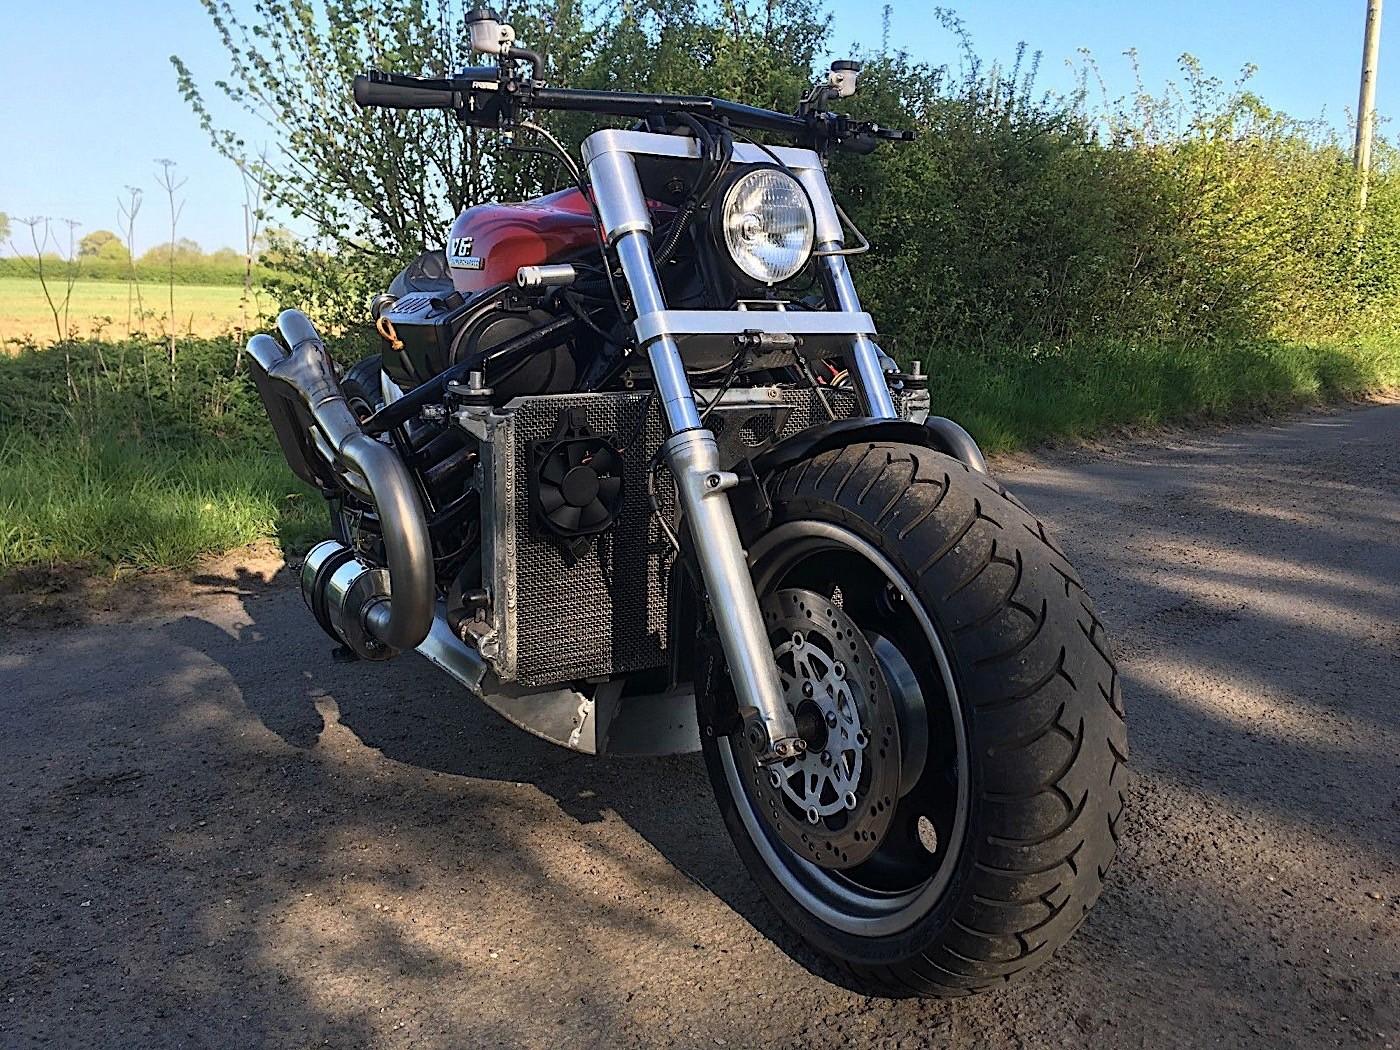 Frankenstein Bike With Audi V6 Engine And Slk Supercharger Sold On Ebay Autoevolution